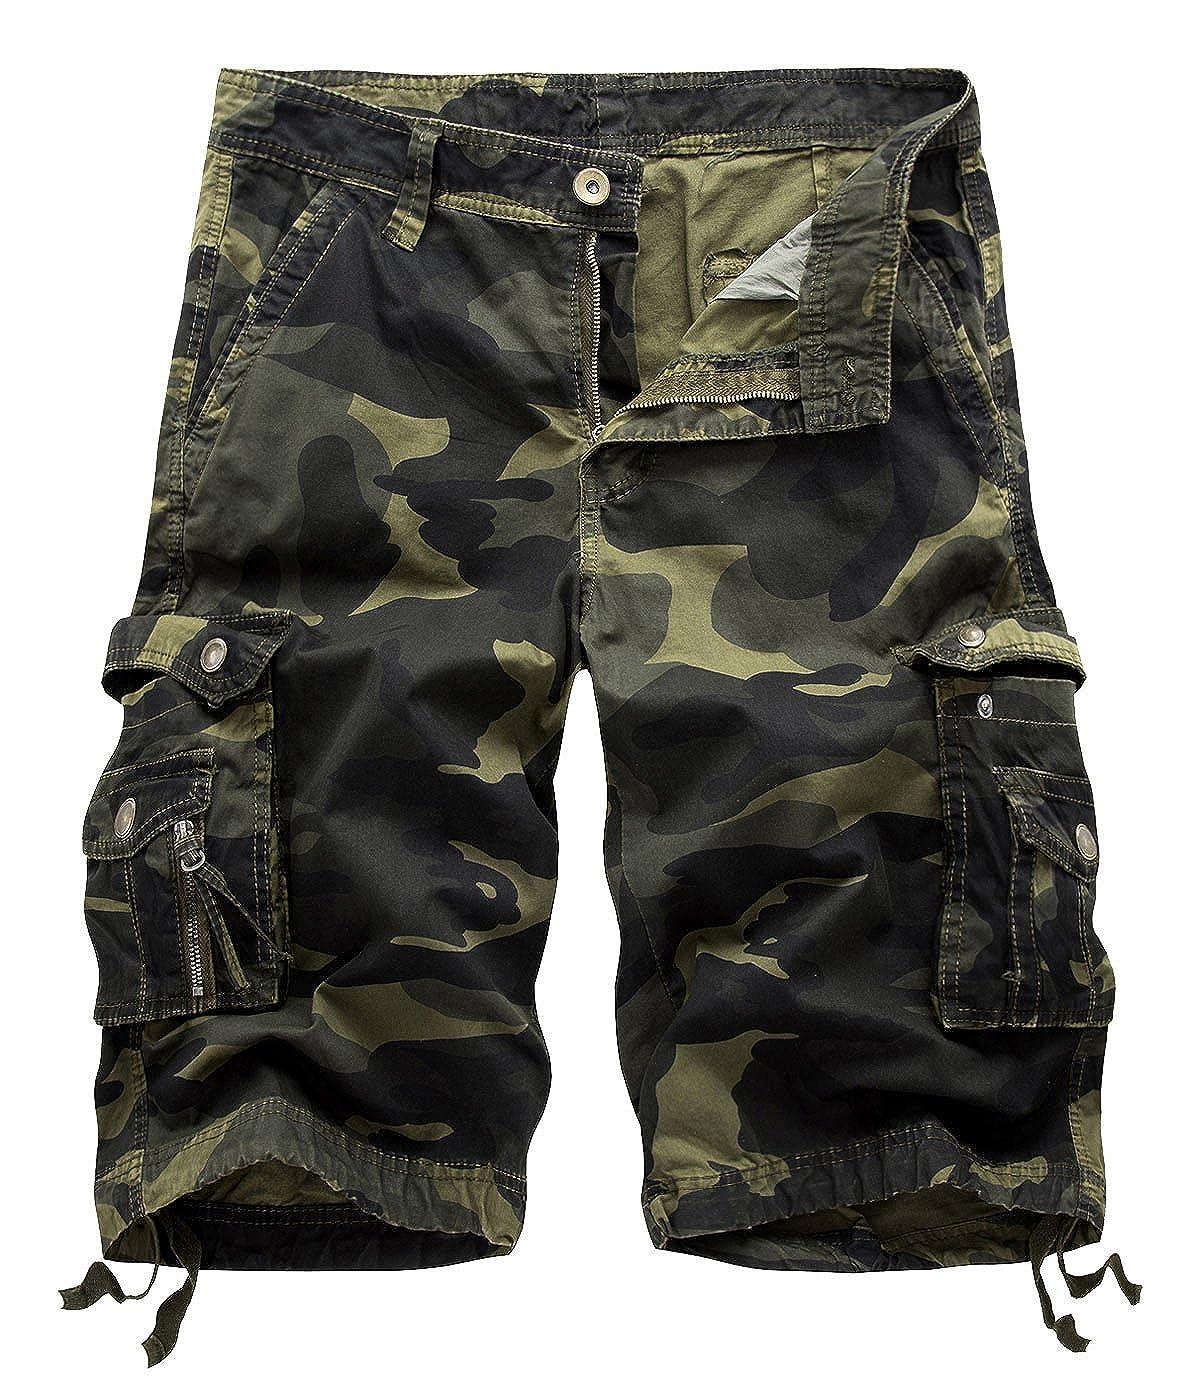 TALLA ES50. AIEOE Pantalones Cortos para Hombres Cargo Shorts Casual Bermudas Camuflaje Suelto Laboral Multi-Bolsillo Leisure